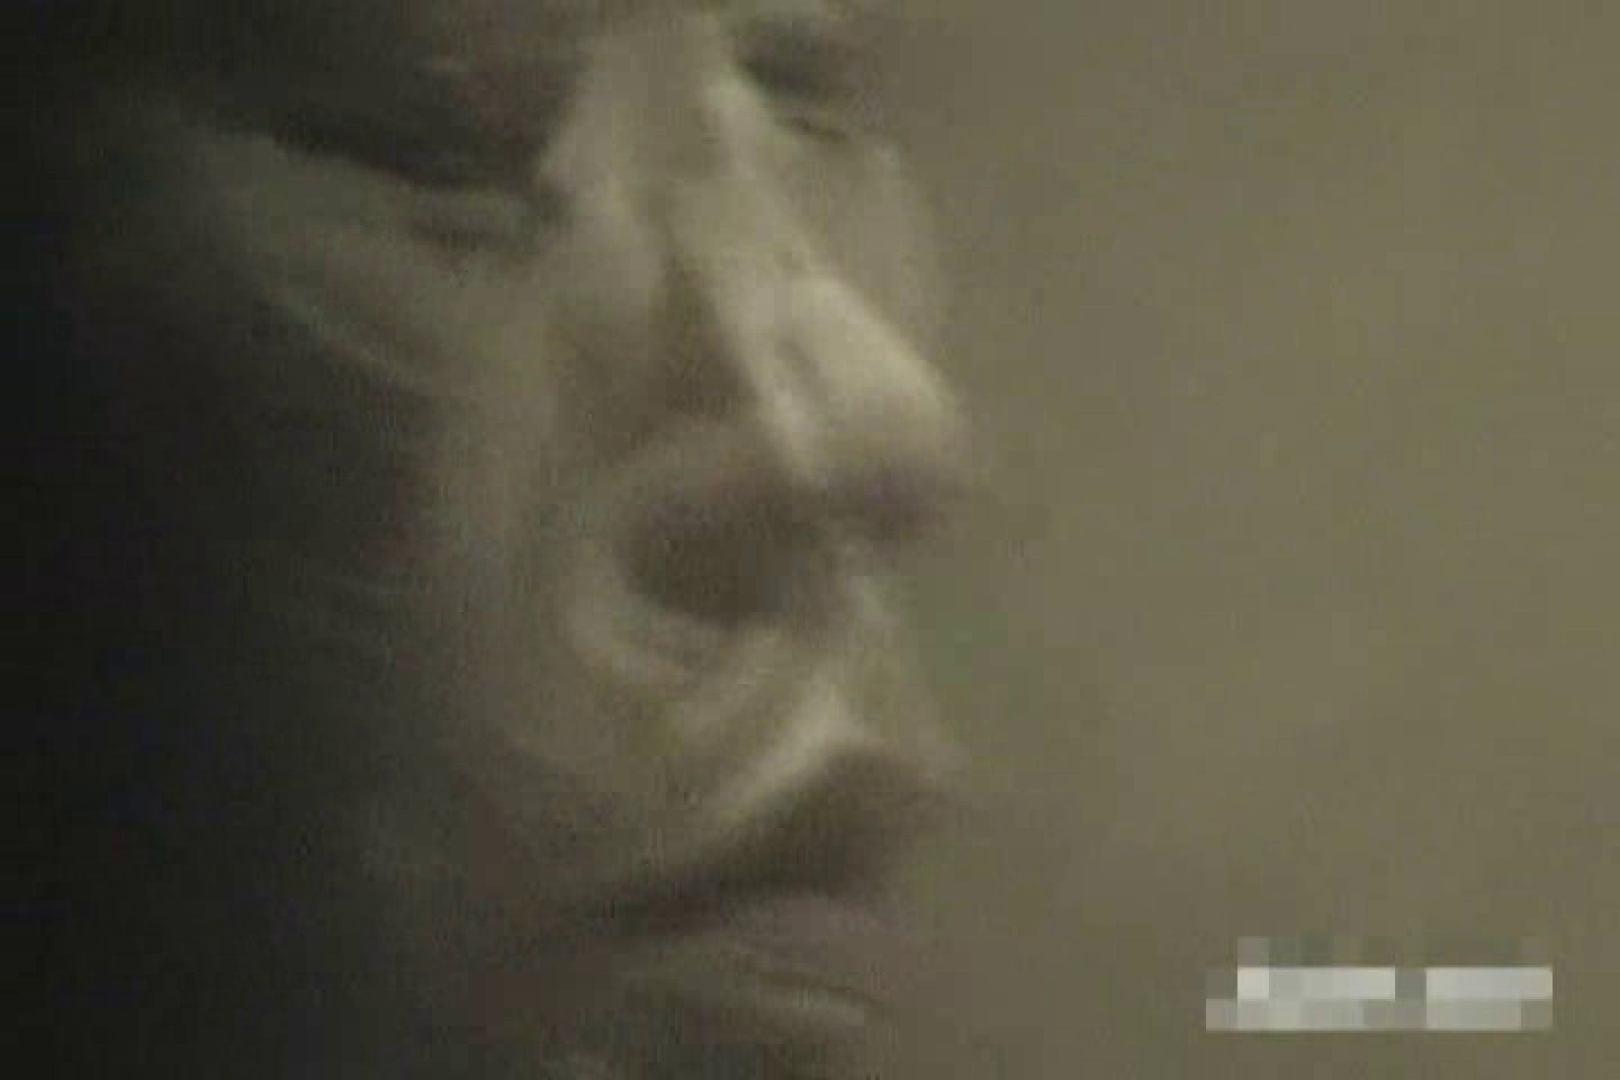 激撮ストーカー記録あなたのお宅拝見しますVol.4 素人はめどり エロ画像 82画像 69